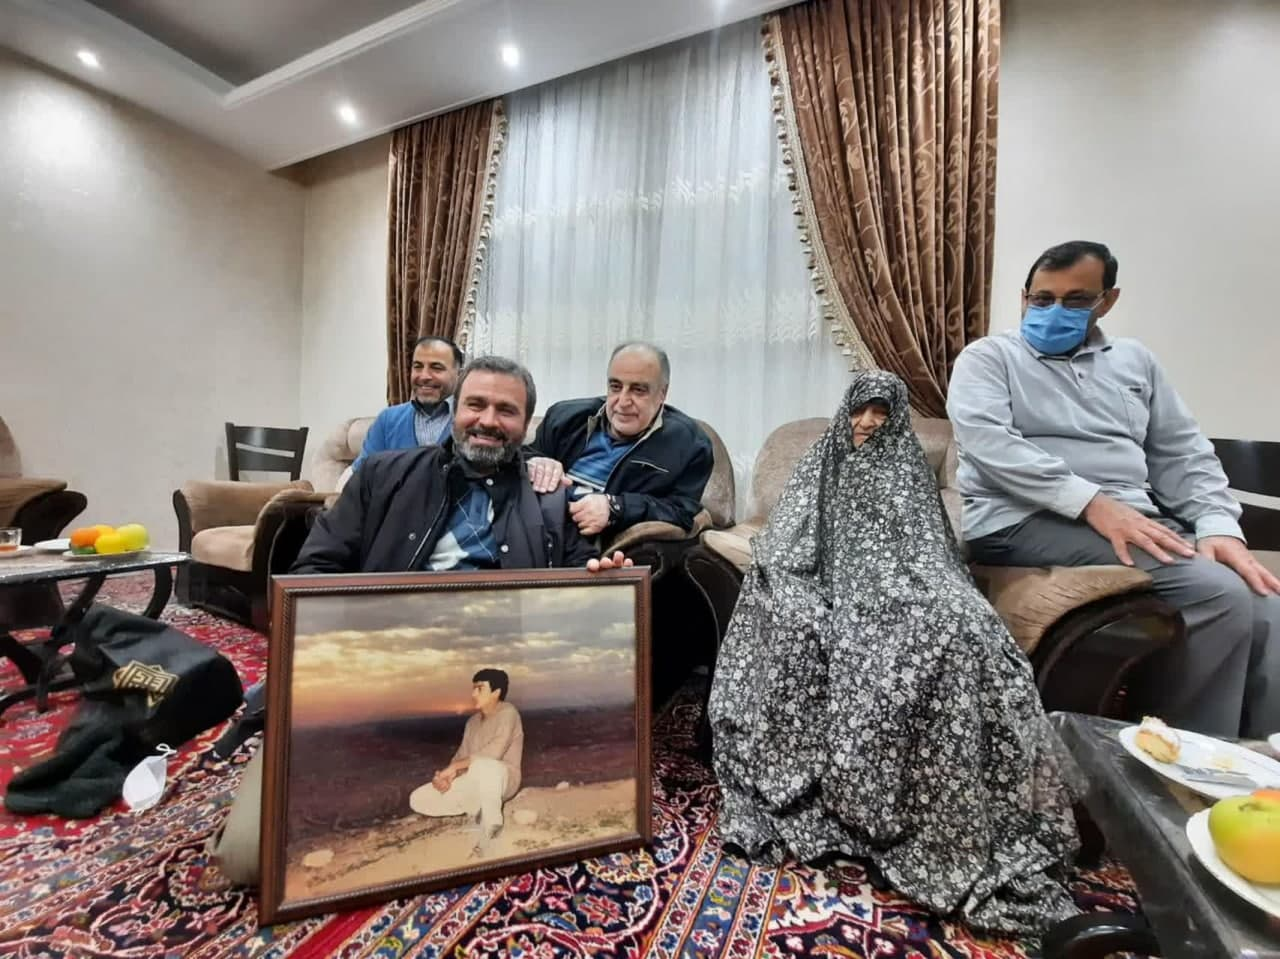 هیئت خانگی رزمندگان تخریبچی در منزل شهدا+ تصاویر